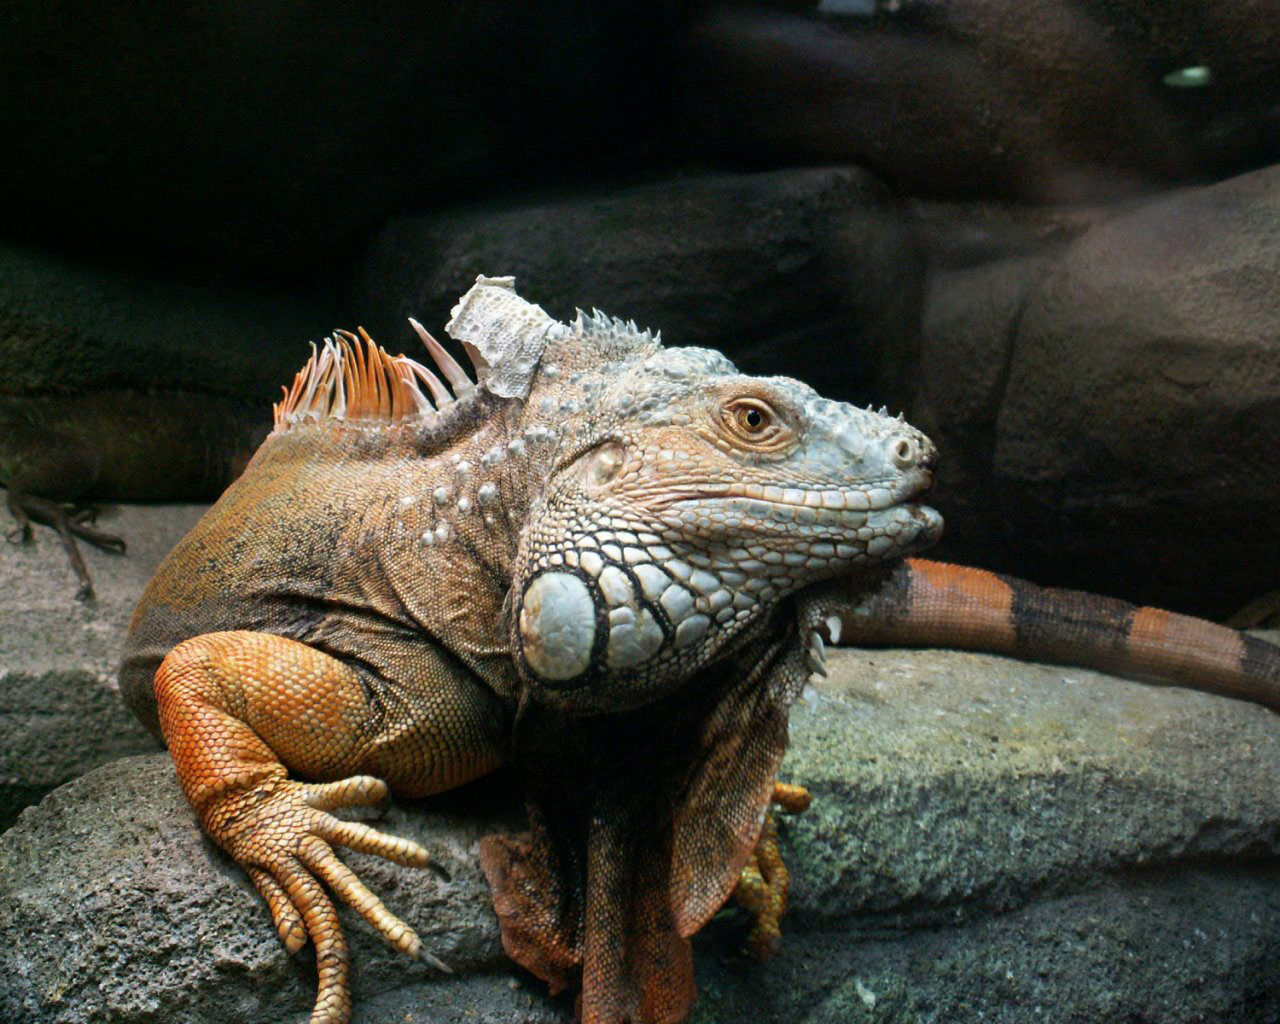 http://2.bp.blogspot.com/-yan-fb3iKMI/T-bplnwHrtI/AAAAAAAACvQ/xBYxvpvnUkw/s1600/iguana+pictures.jpg